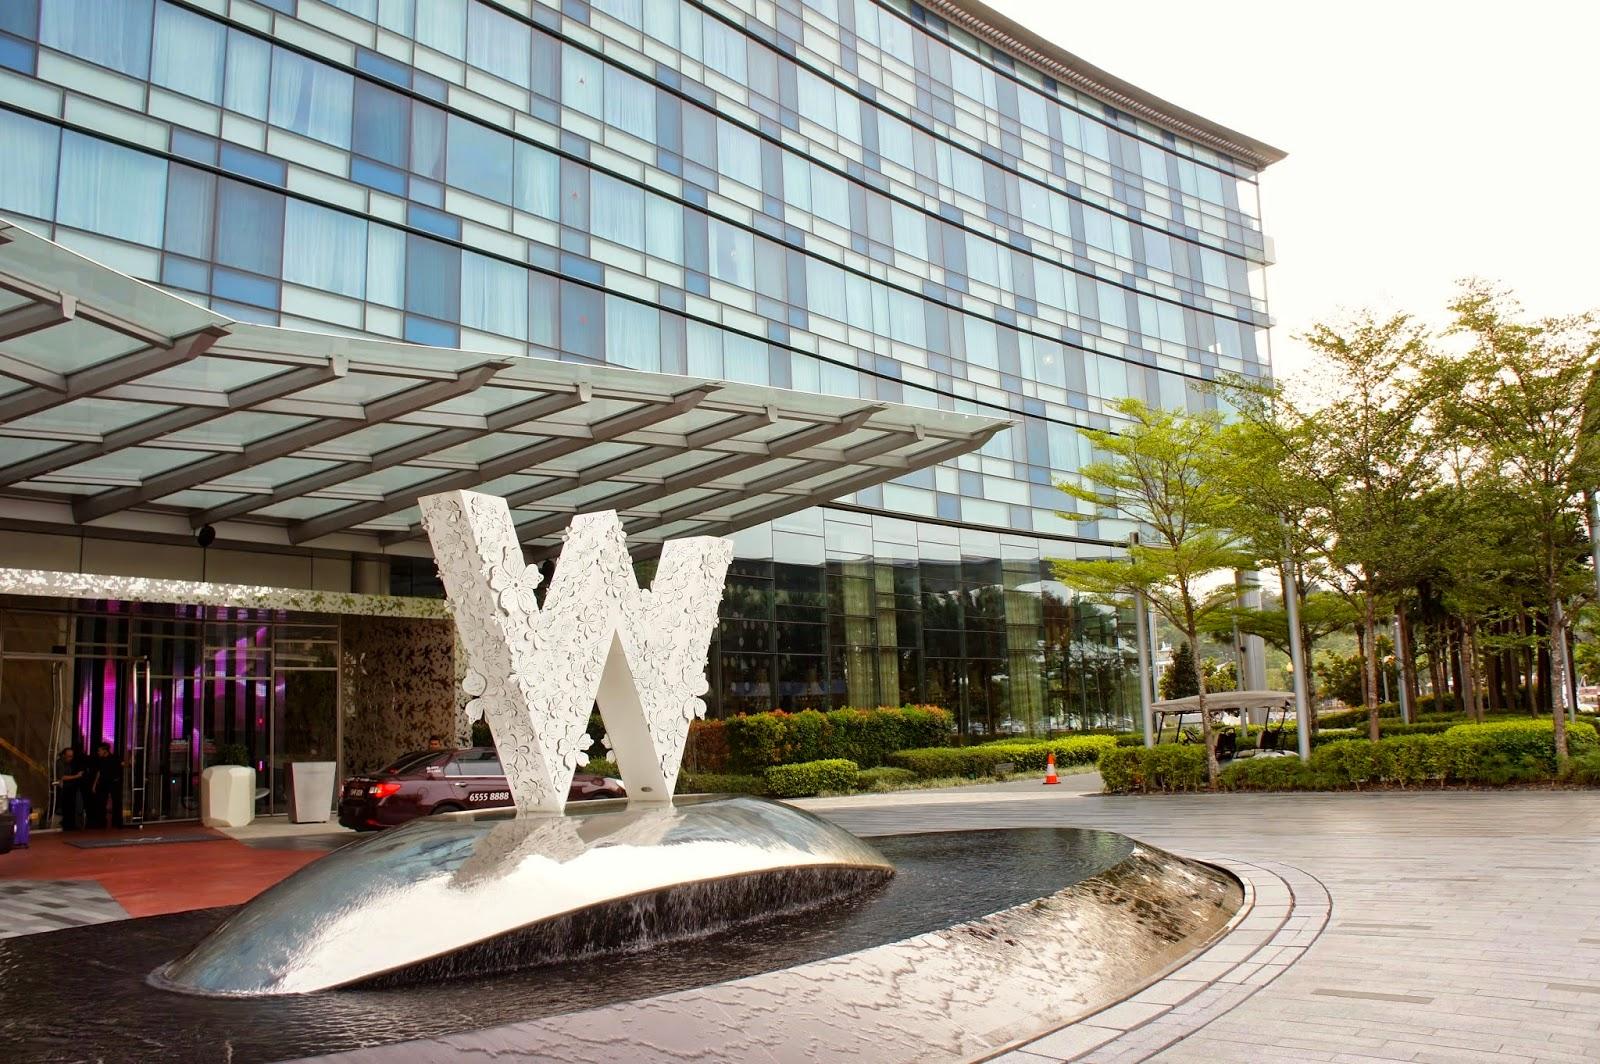 「Wシンガポール-セントーサコーヴ」の画像検索結果